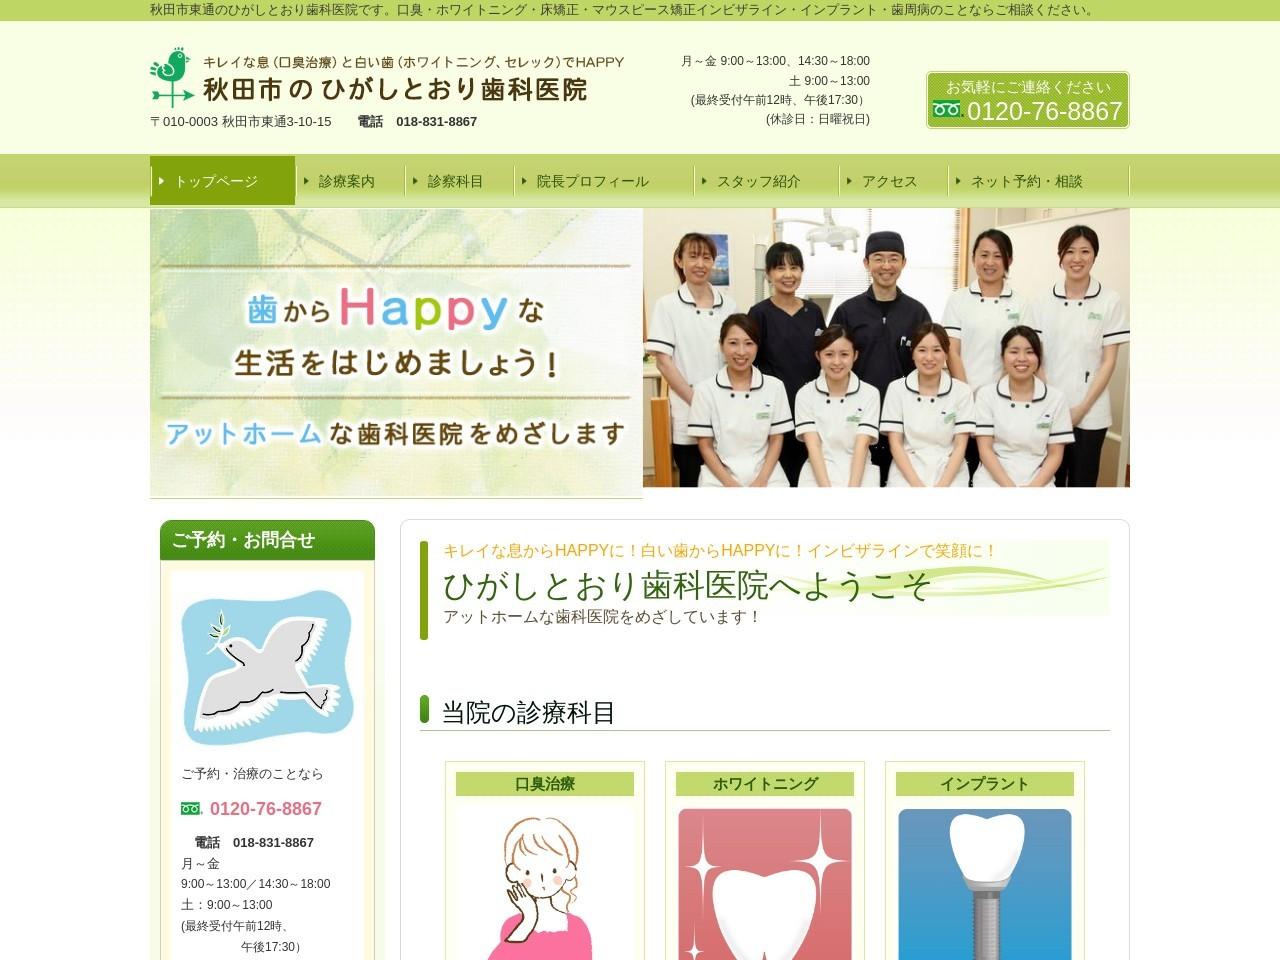 ひがしとおり歯科医院 (秋田県秋田市)